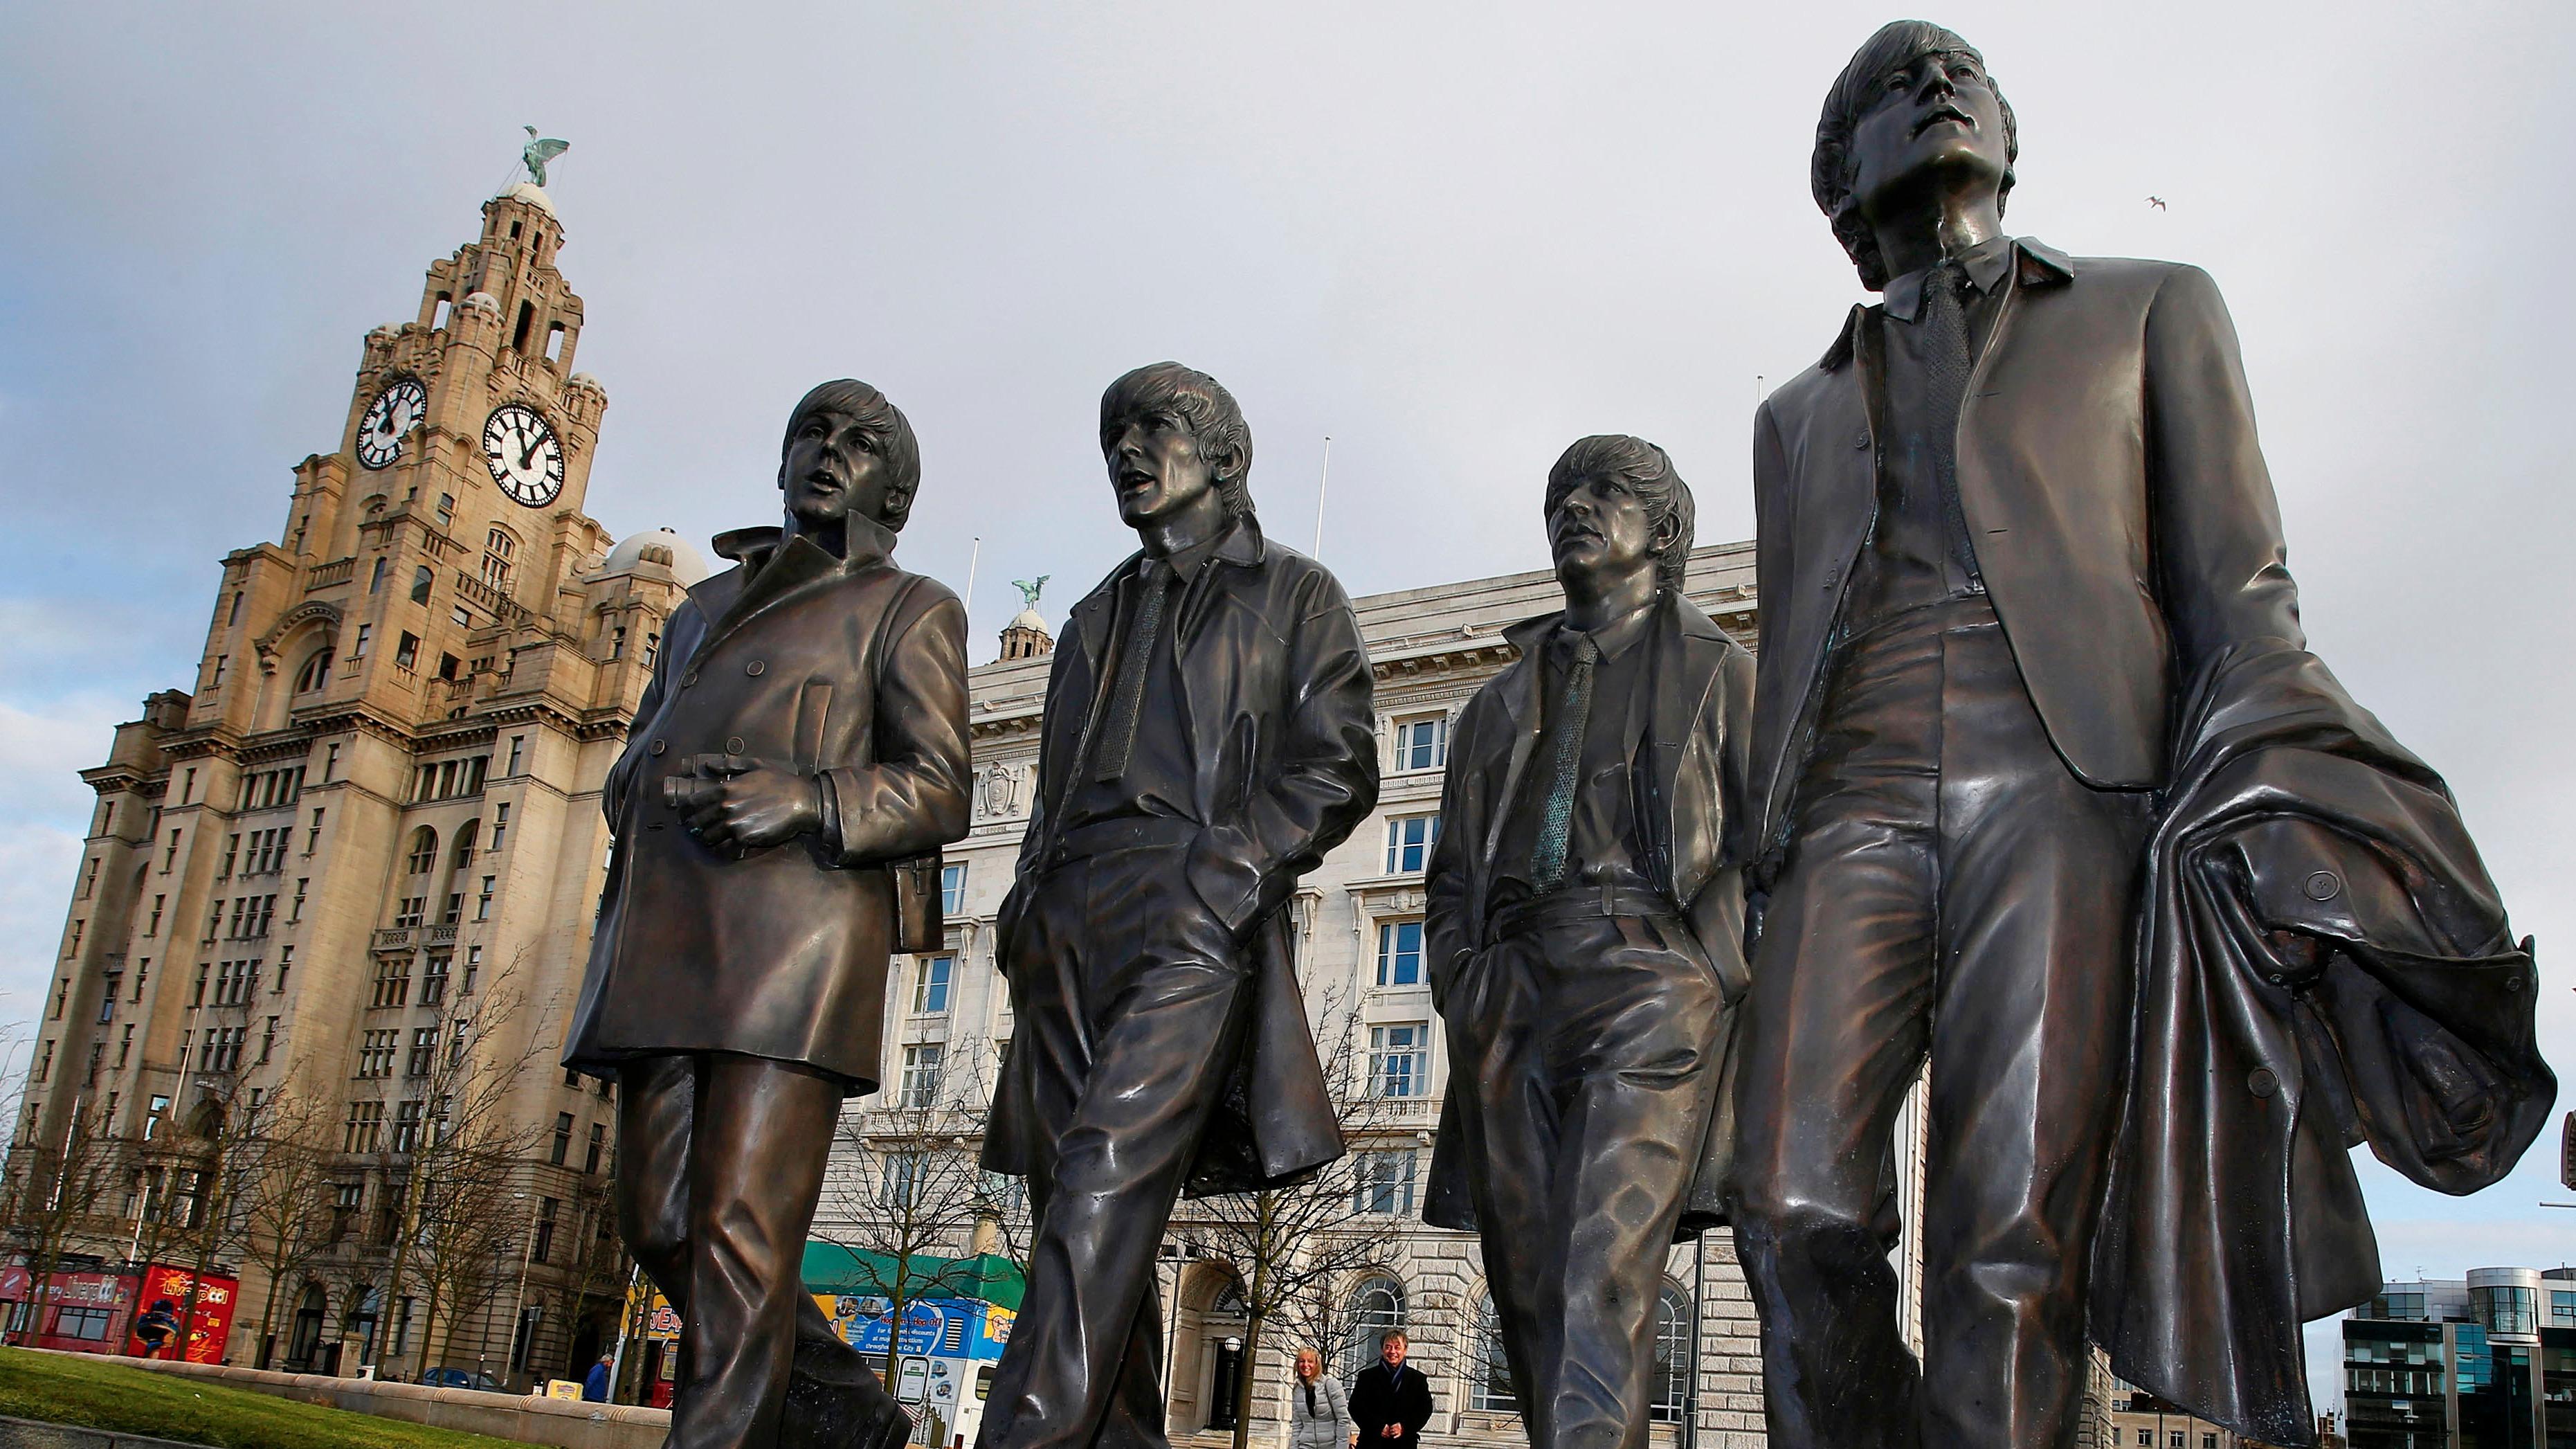 Статуя на Бийтълс, Ливърпул